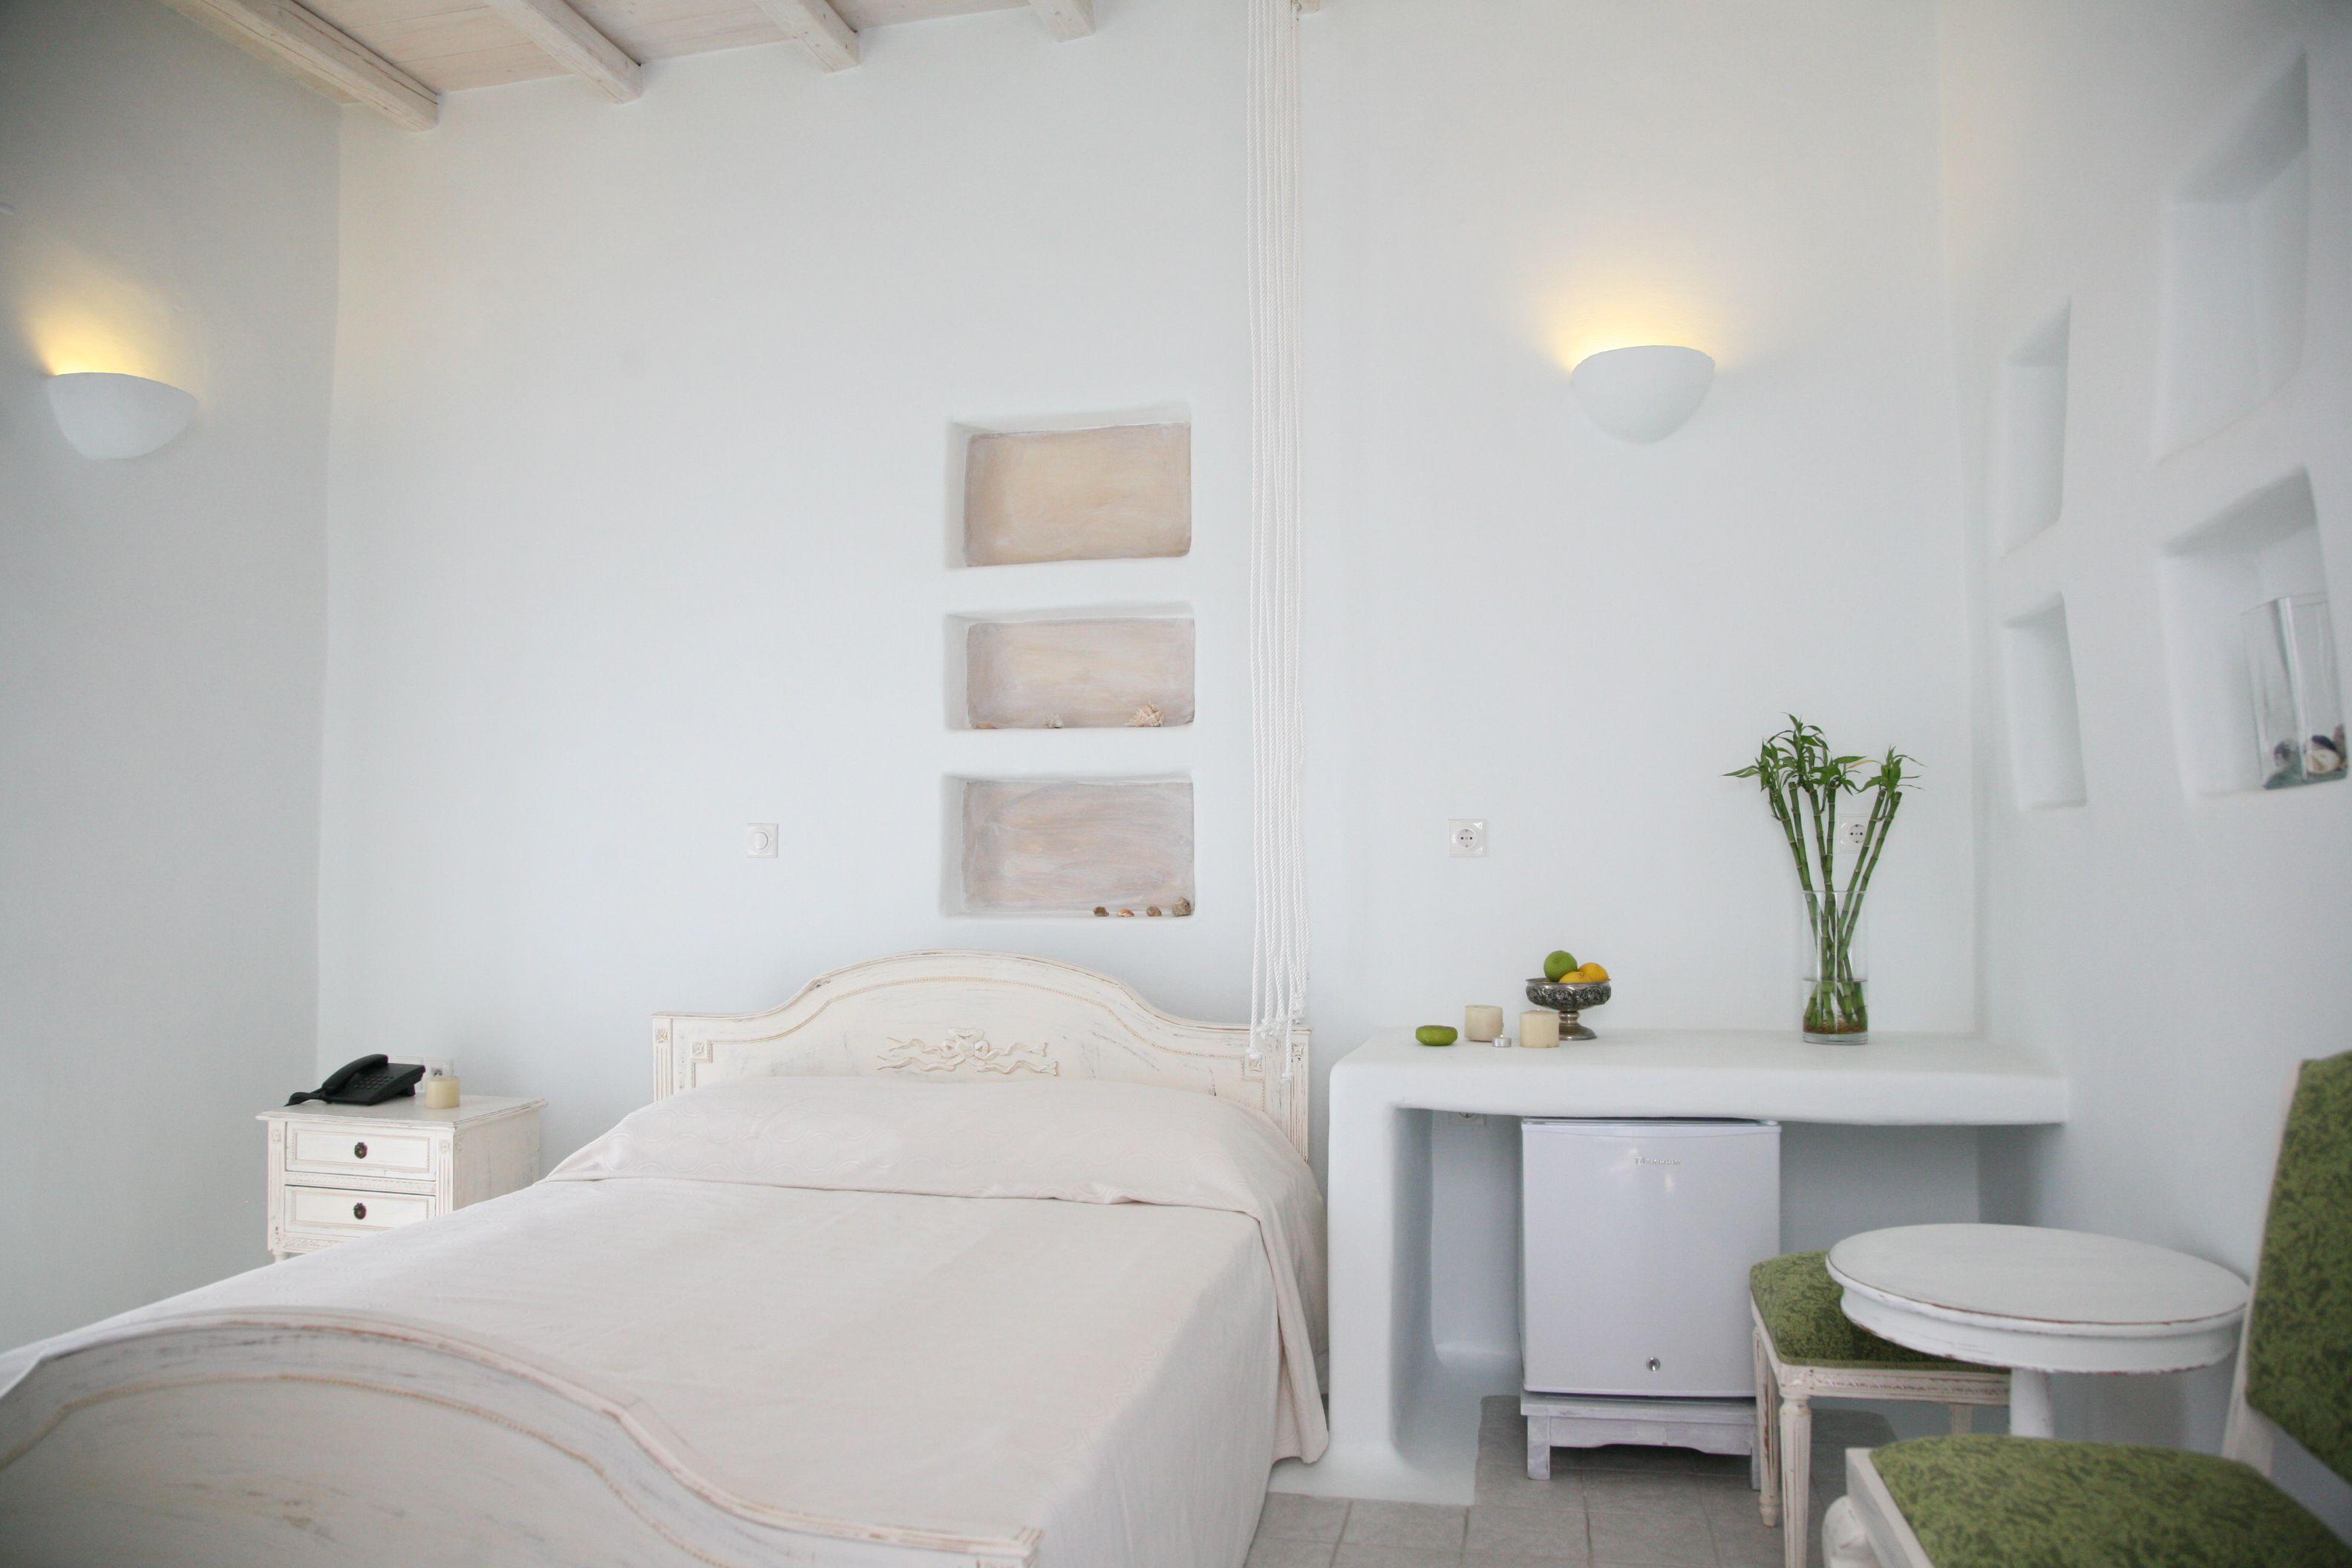 Deluxe δίκλινο δωμάτιο bed